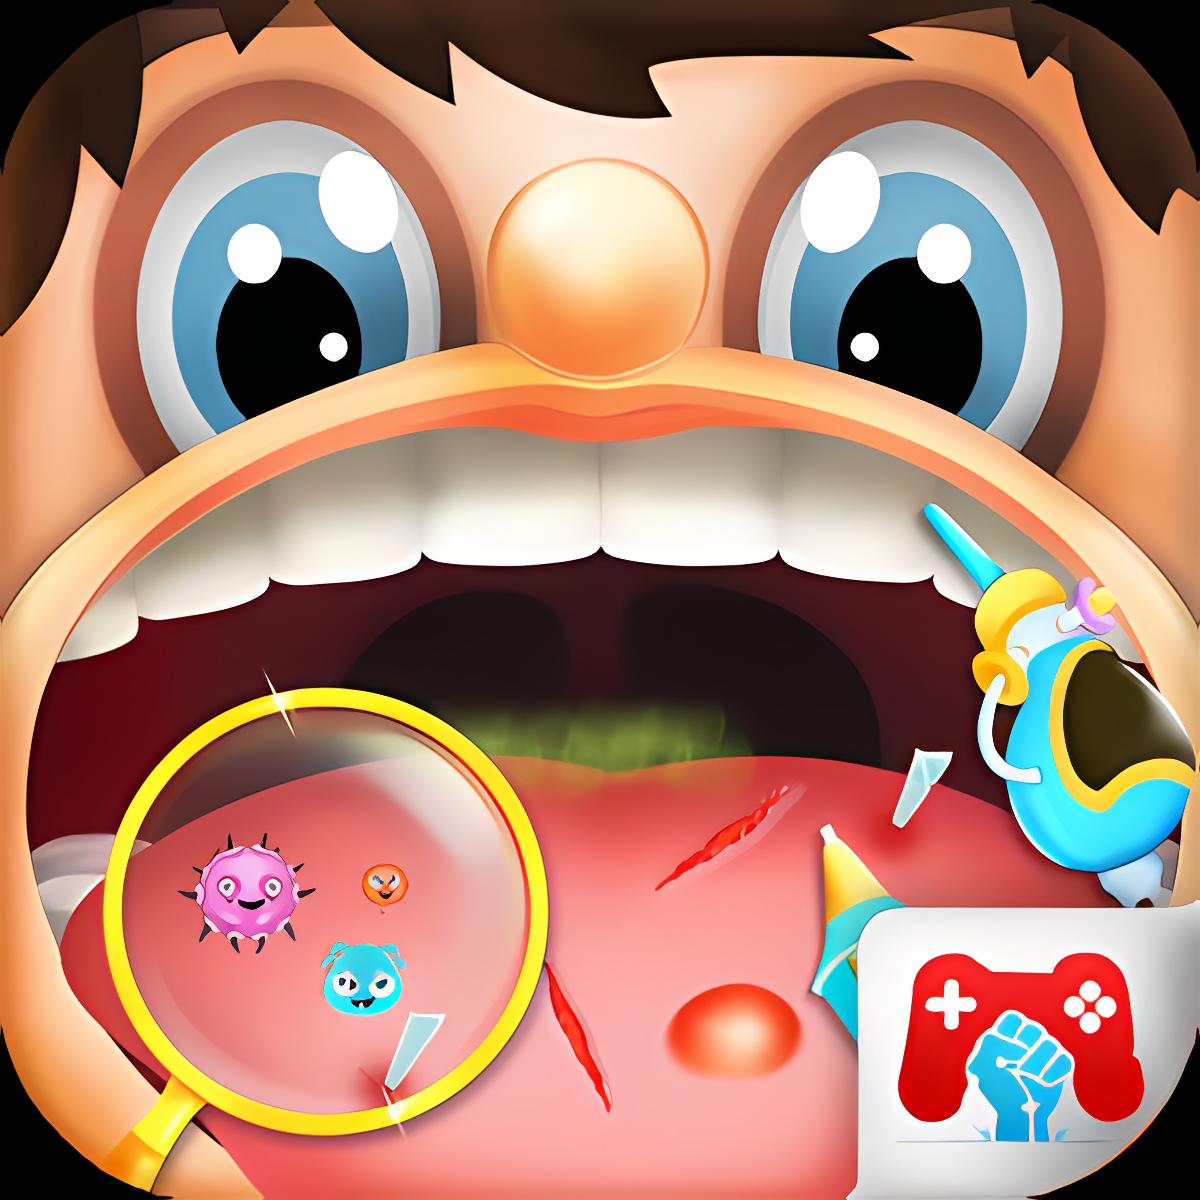 Cirugía de la lengua